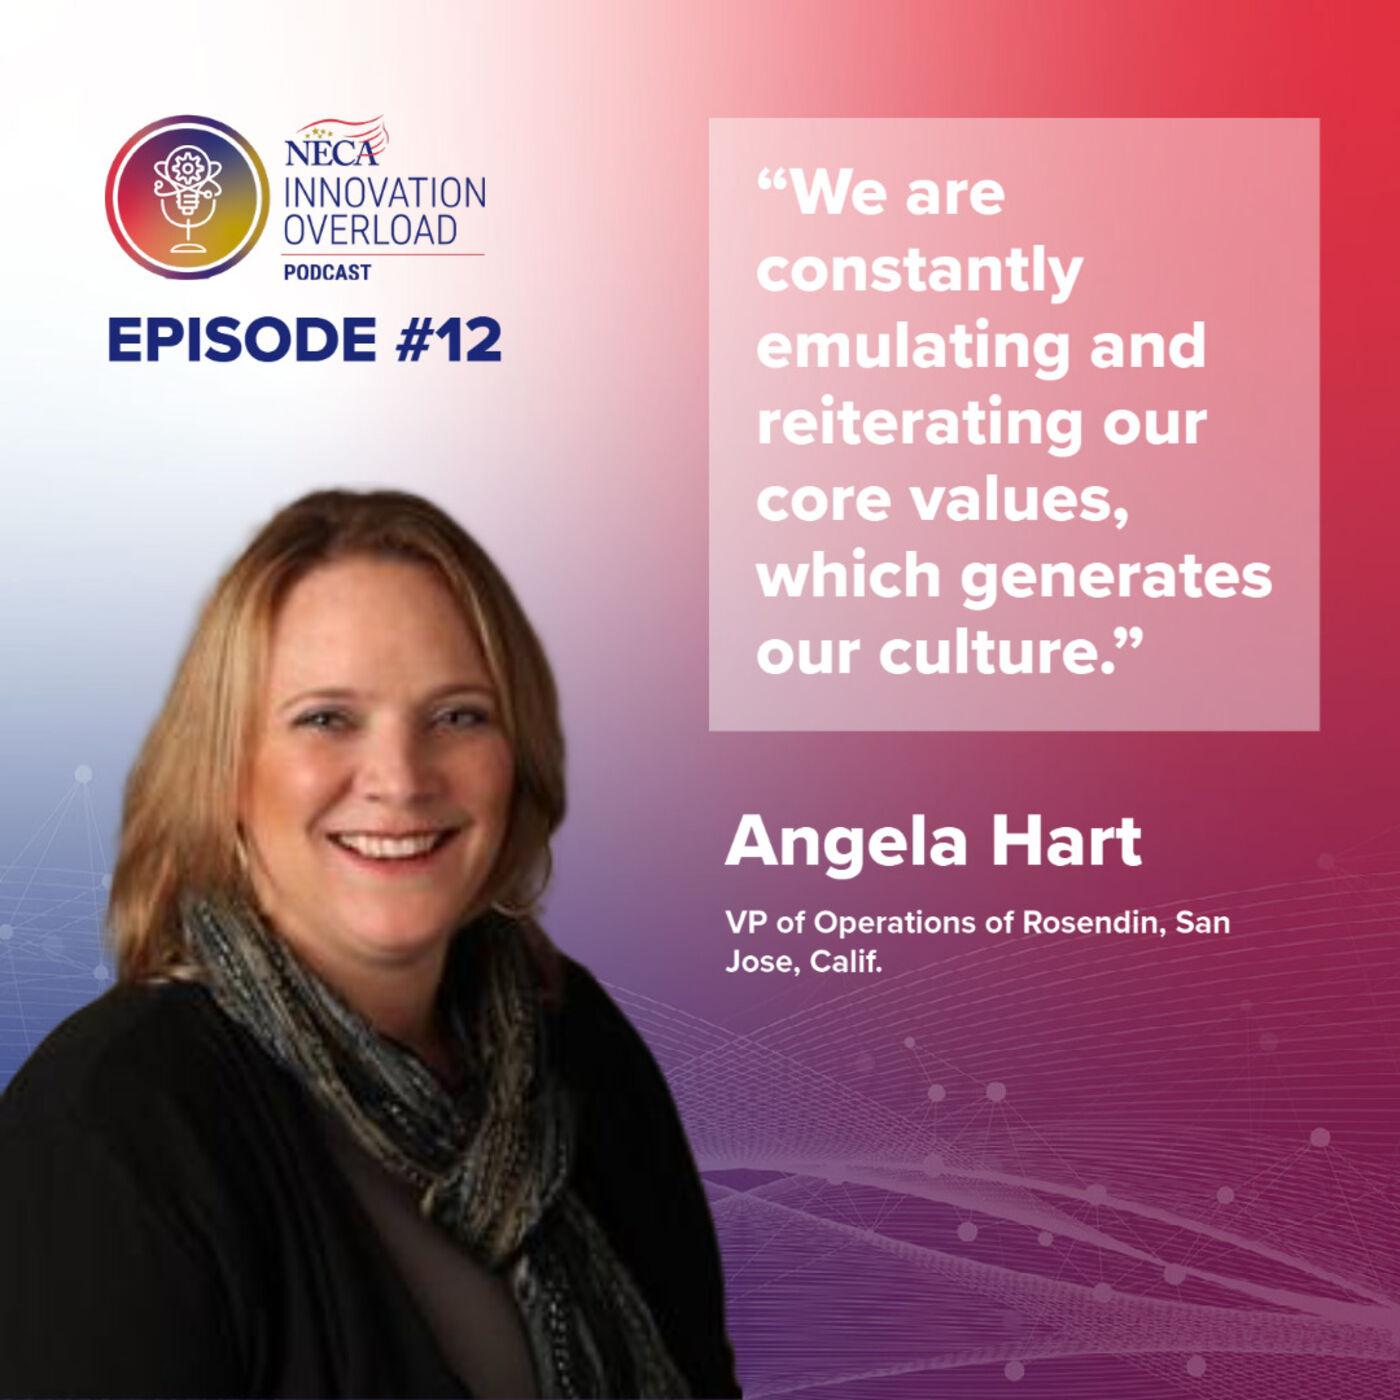 #12 - Angela Hart